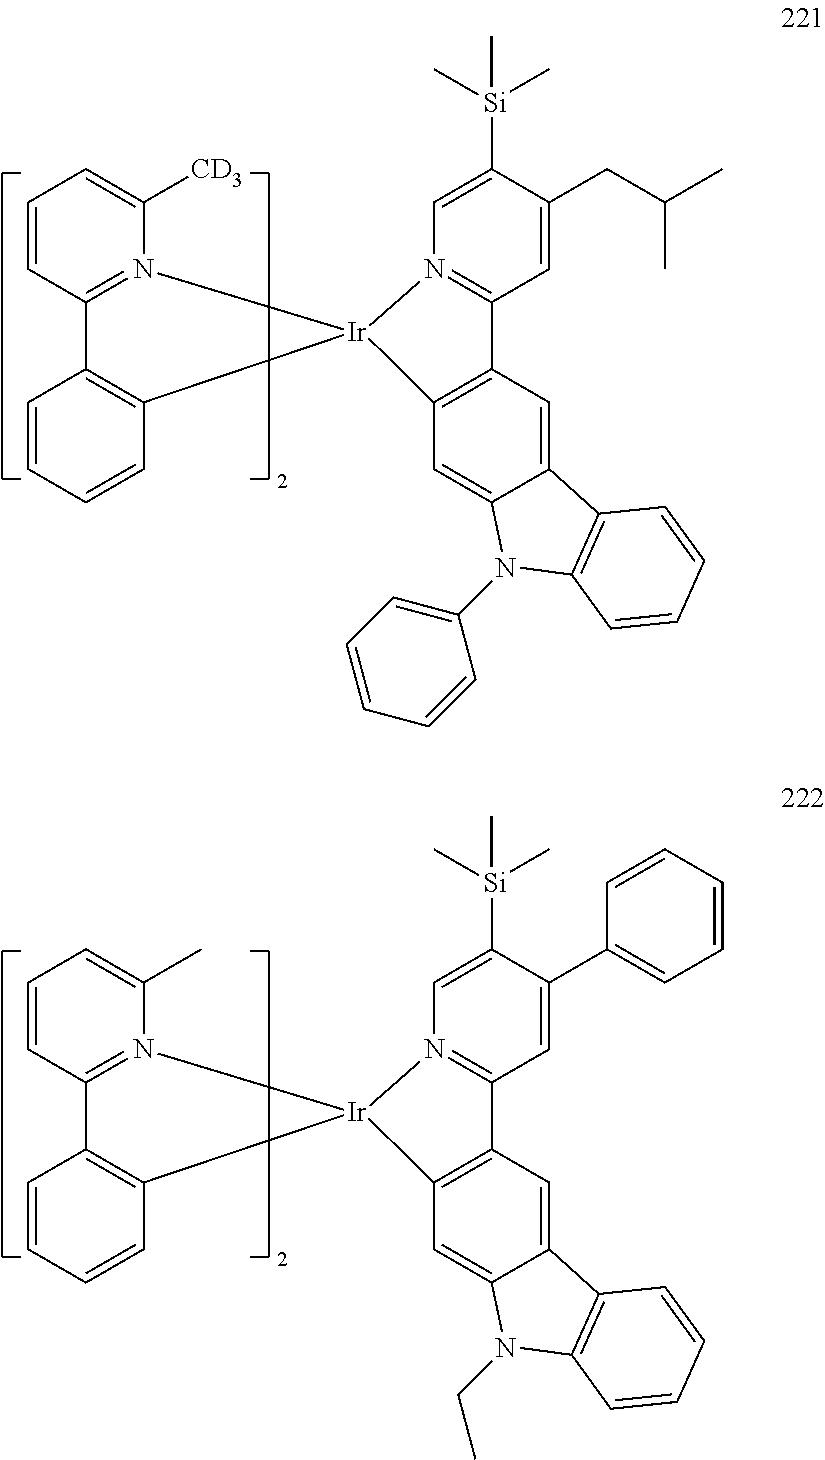 Figure US20160155962A1-20160602-C00129